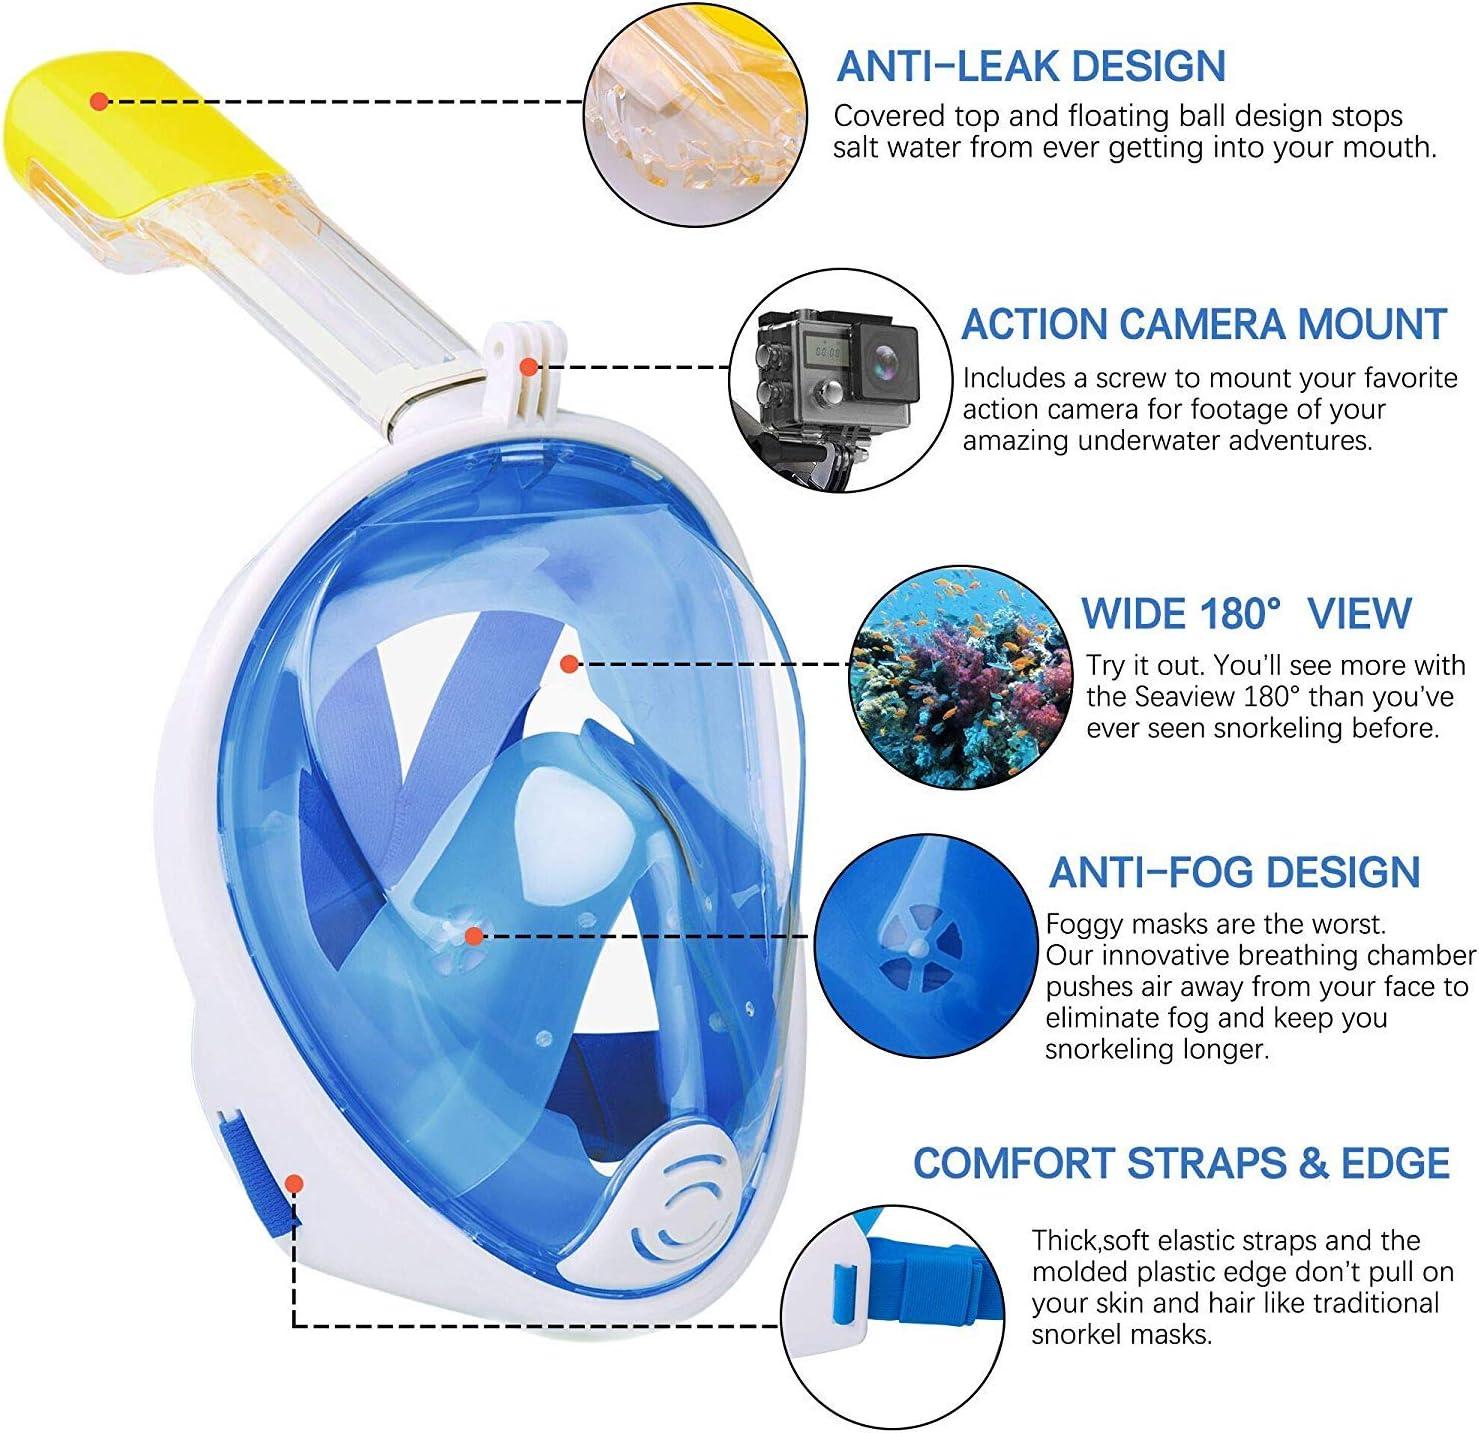 Blu S//M Maschera da Snorkeling per Adulti e Bambini,Panoramica a 180/°con Montatura per Camera Dazione Rimovibile Anti-Nebbia Anti-perdite Maschere da Immersione Wsobue Maschera Subacquea